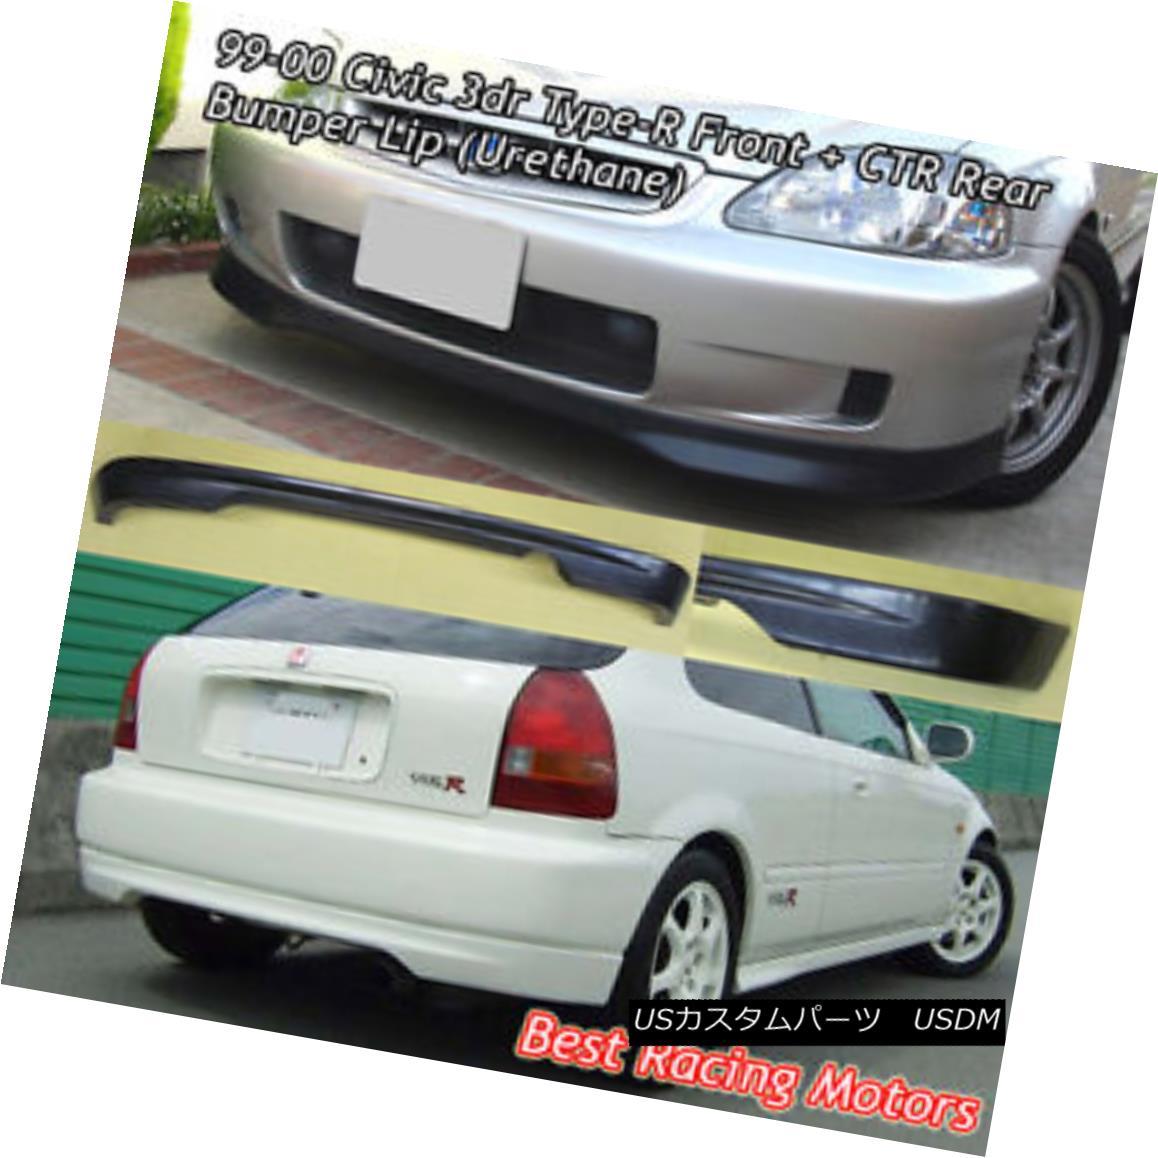 エアロパーツ TR Style Front + CTR Rear Bumper Lip (Urethane) Fit 99-00 Civic 3dr TRスタイルフロント+ CTRリアバンパーリップ(ウレタン)Fit 99-00 Civic 3dr